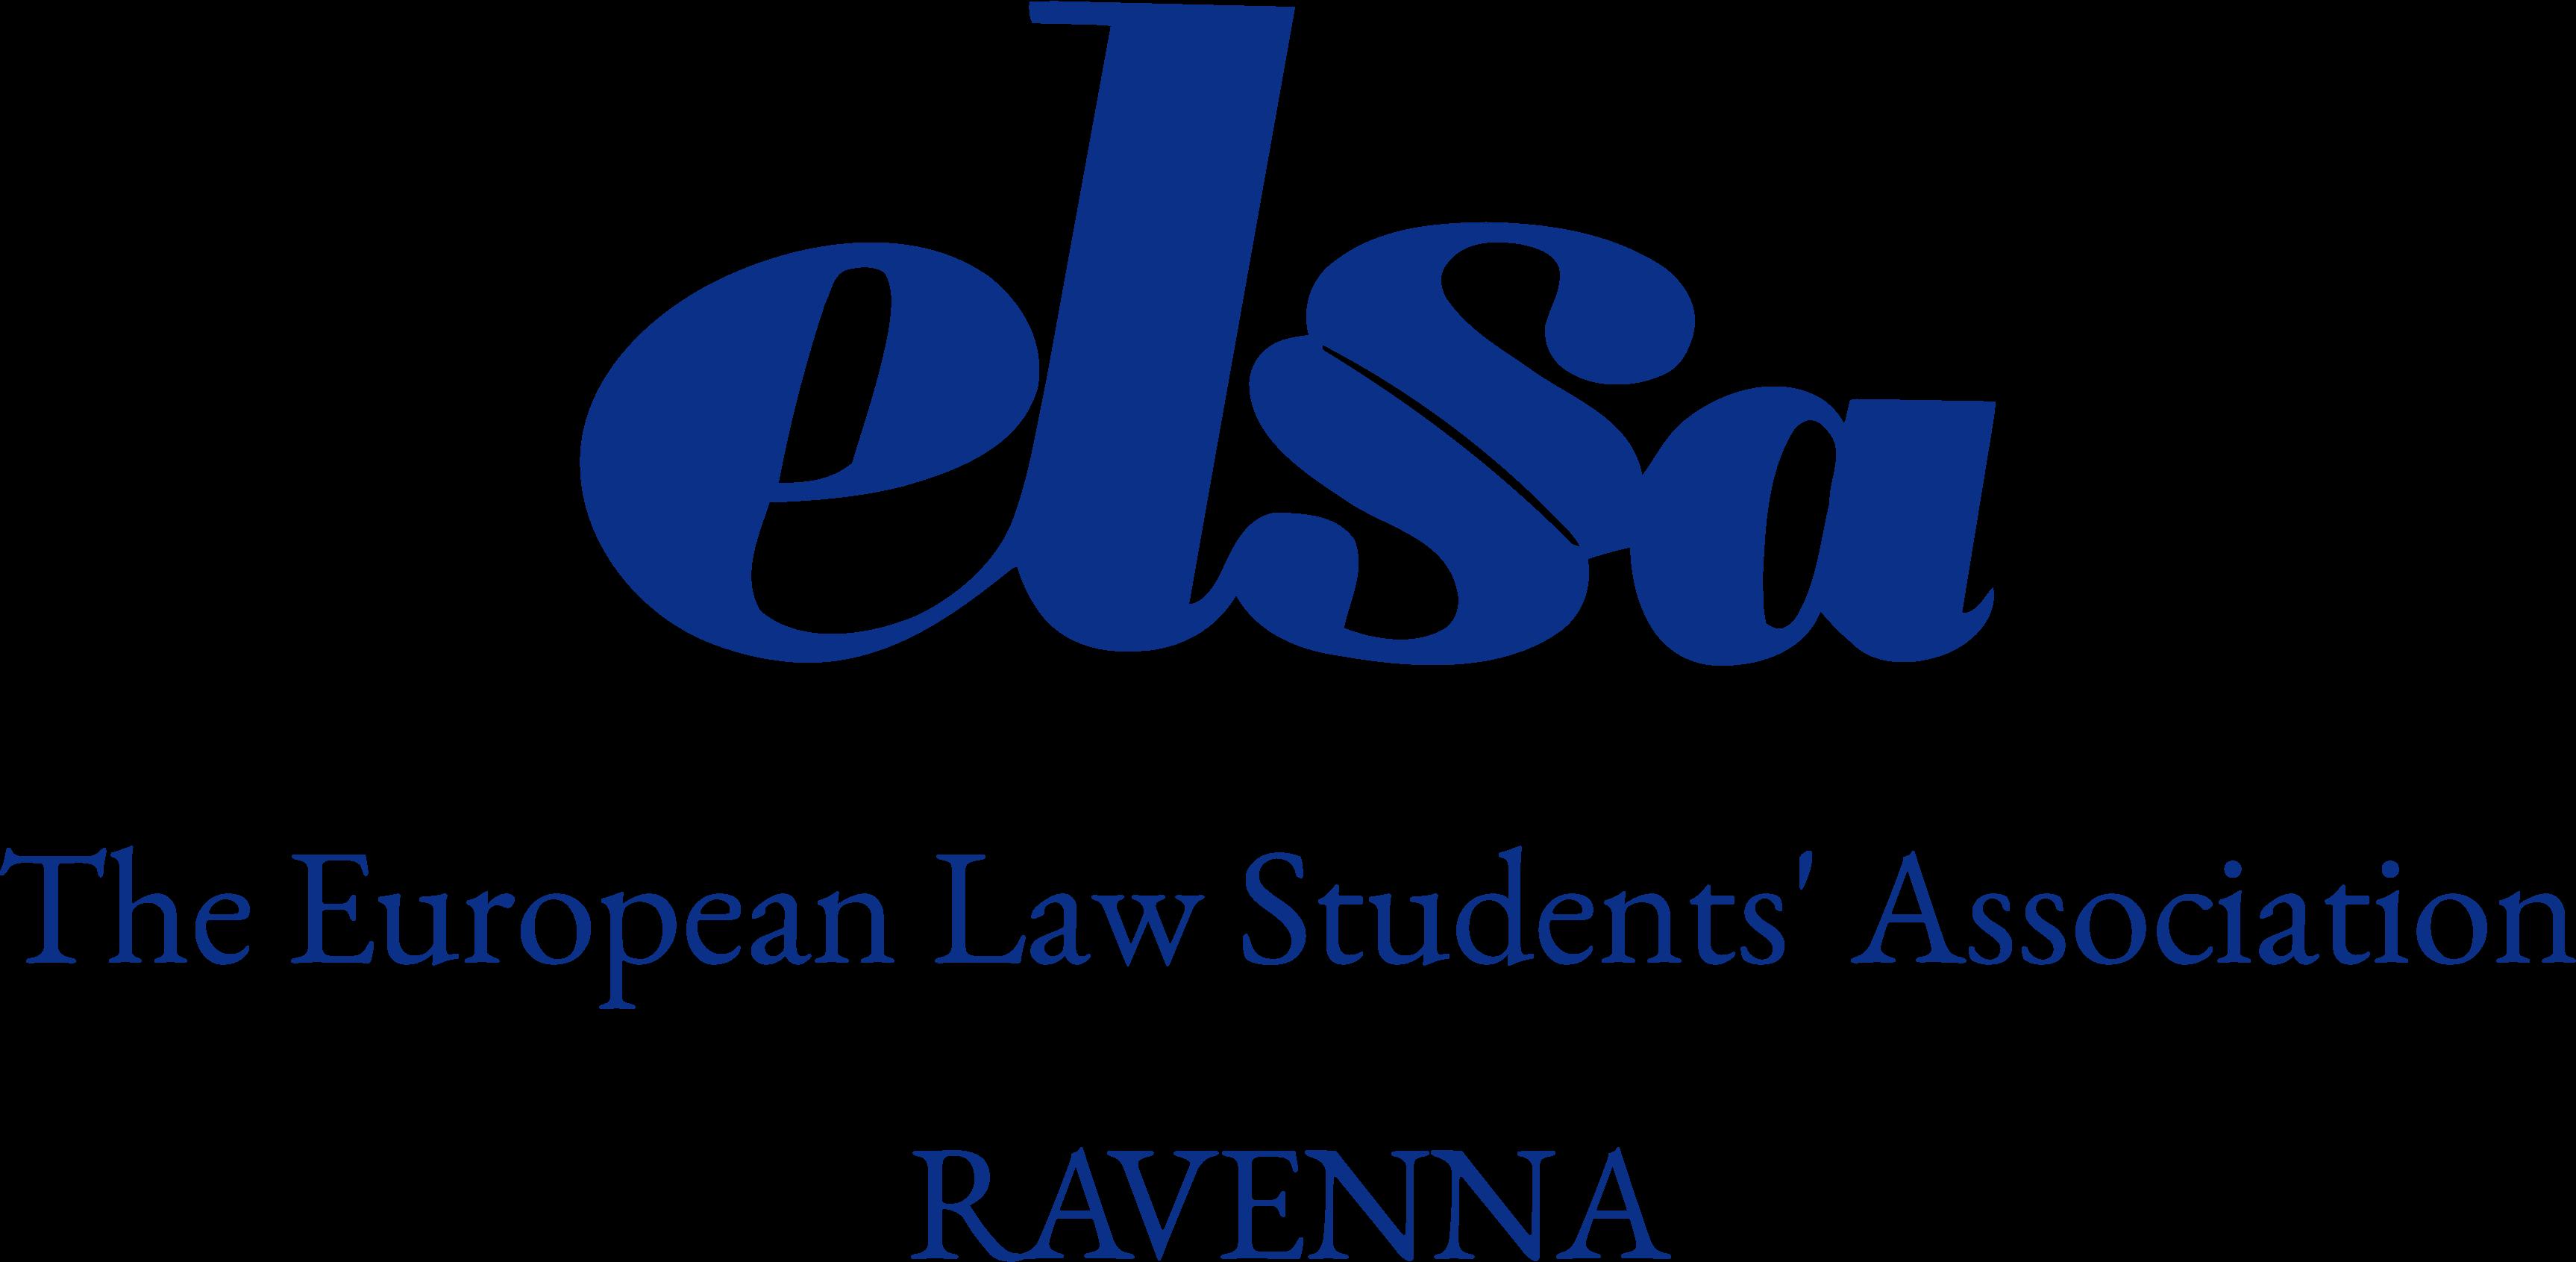 ELSA Ravenna – ELSA Italy Network